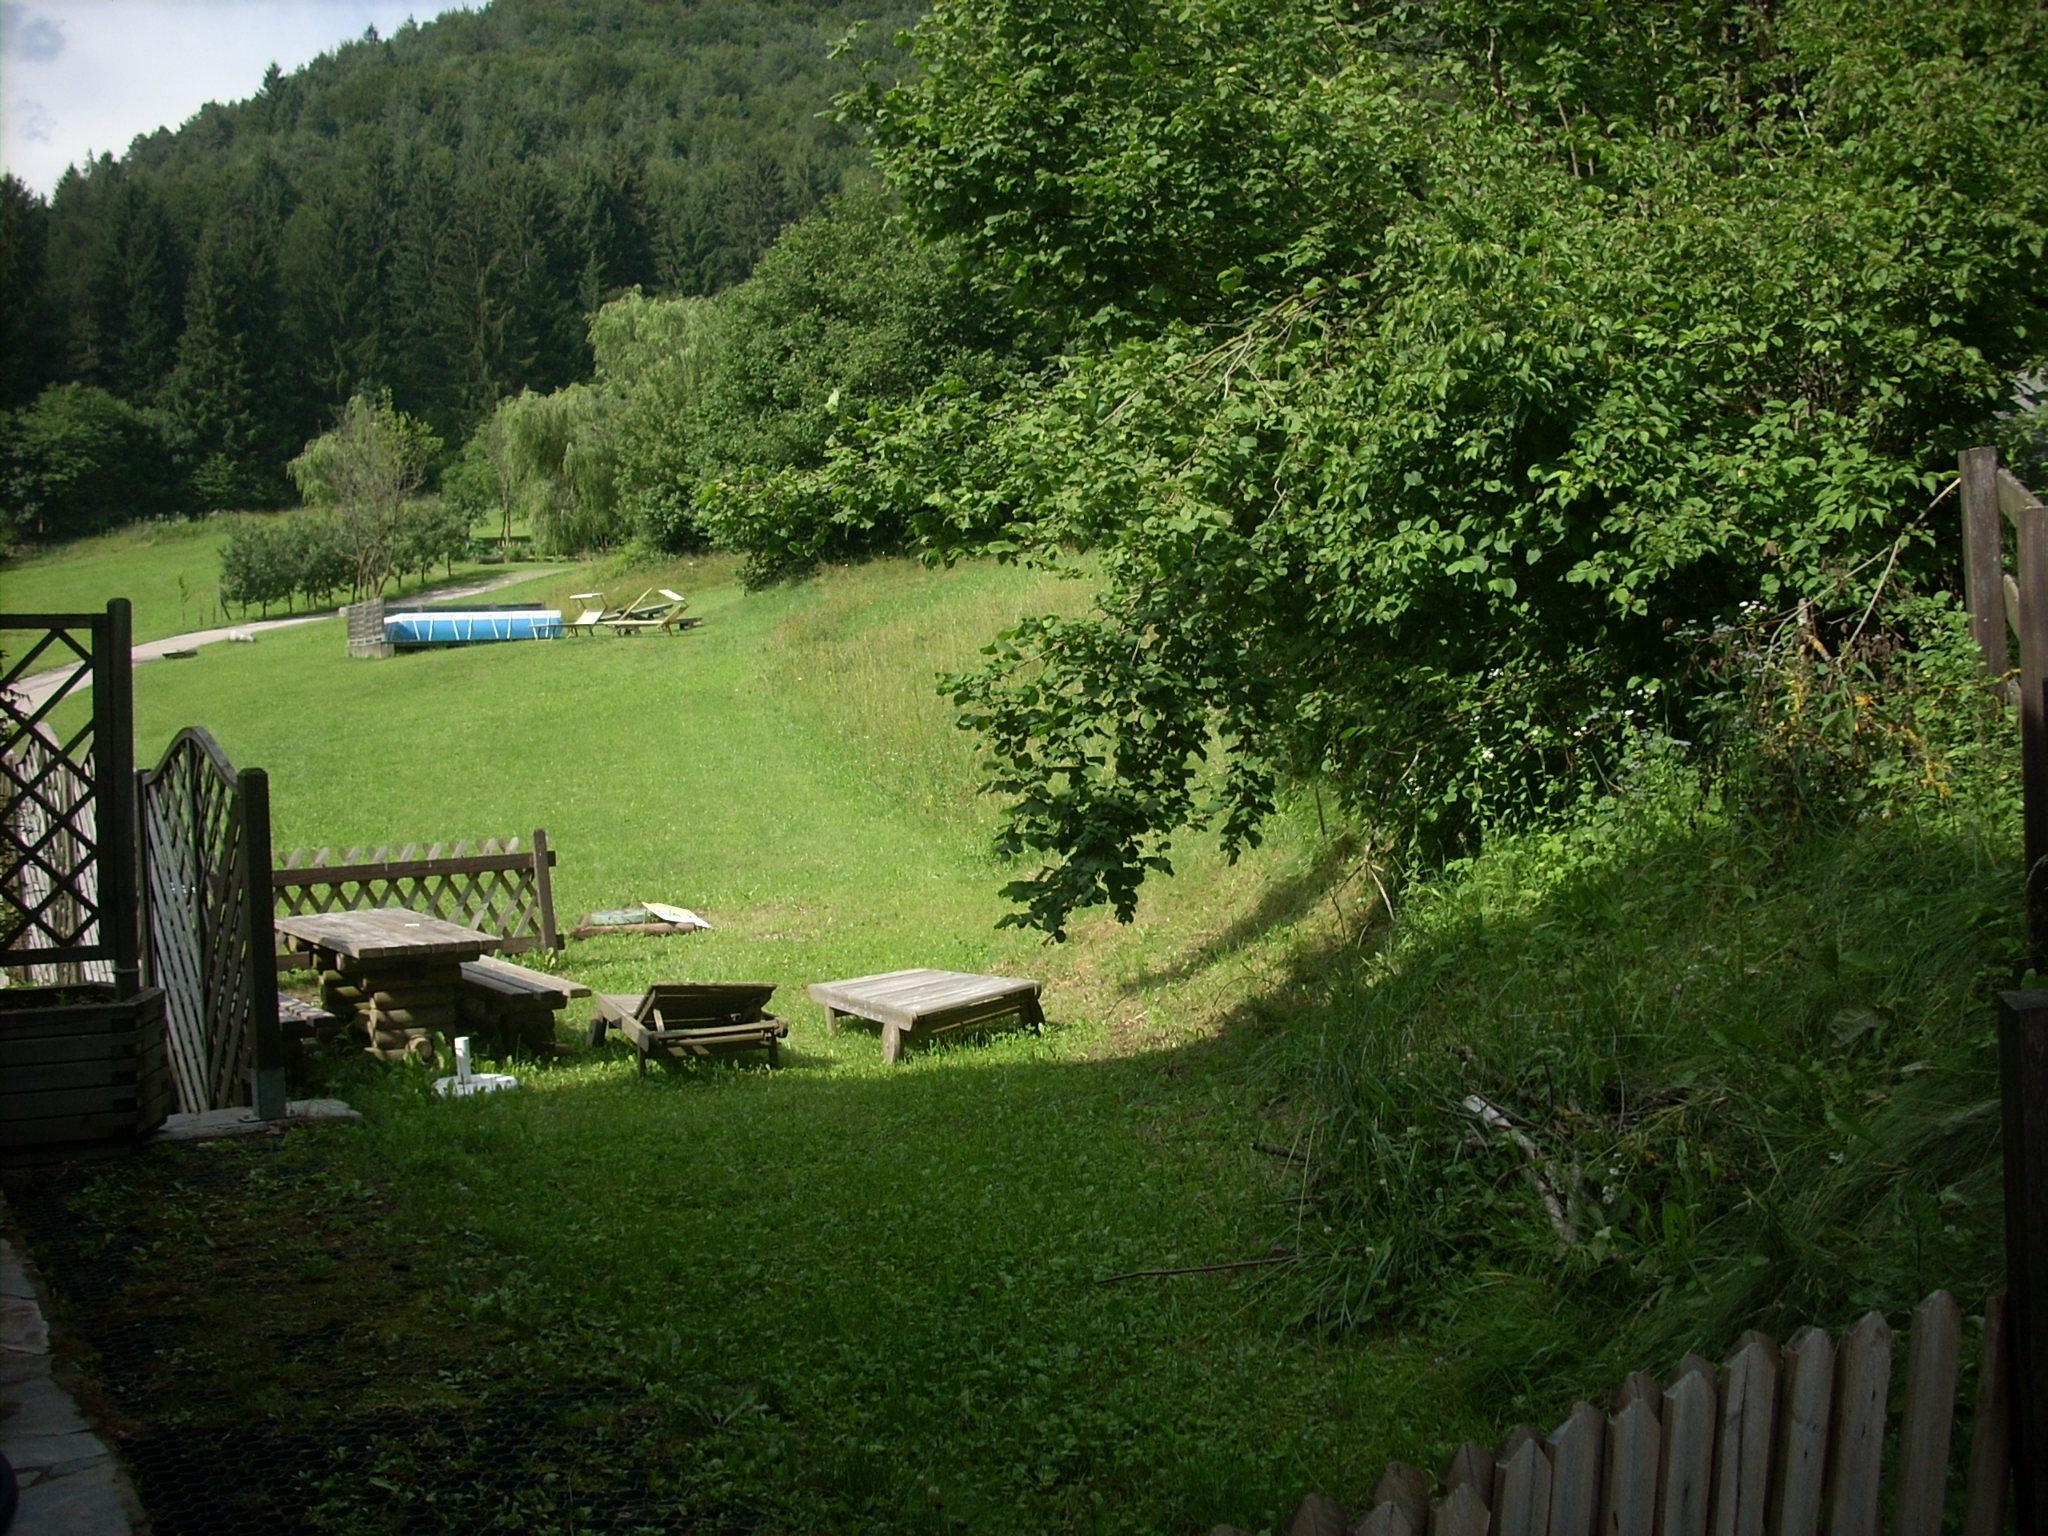 Rustico nel bosco con giardino recintato petpassion - Giardino rustico ...